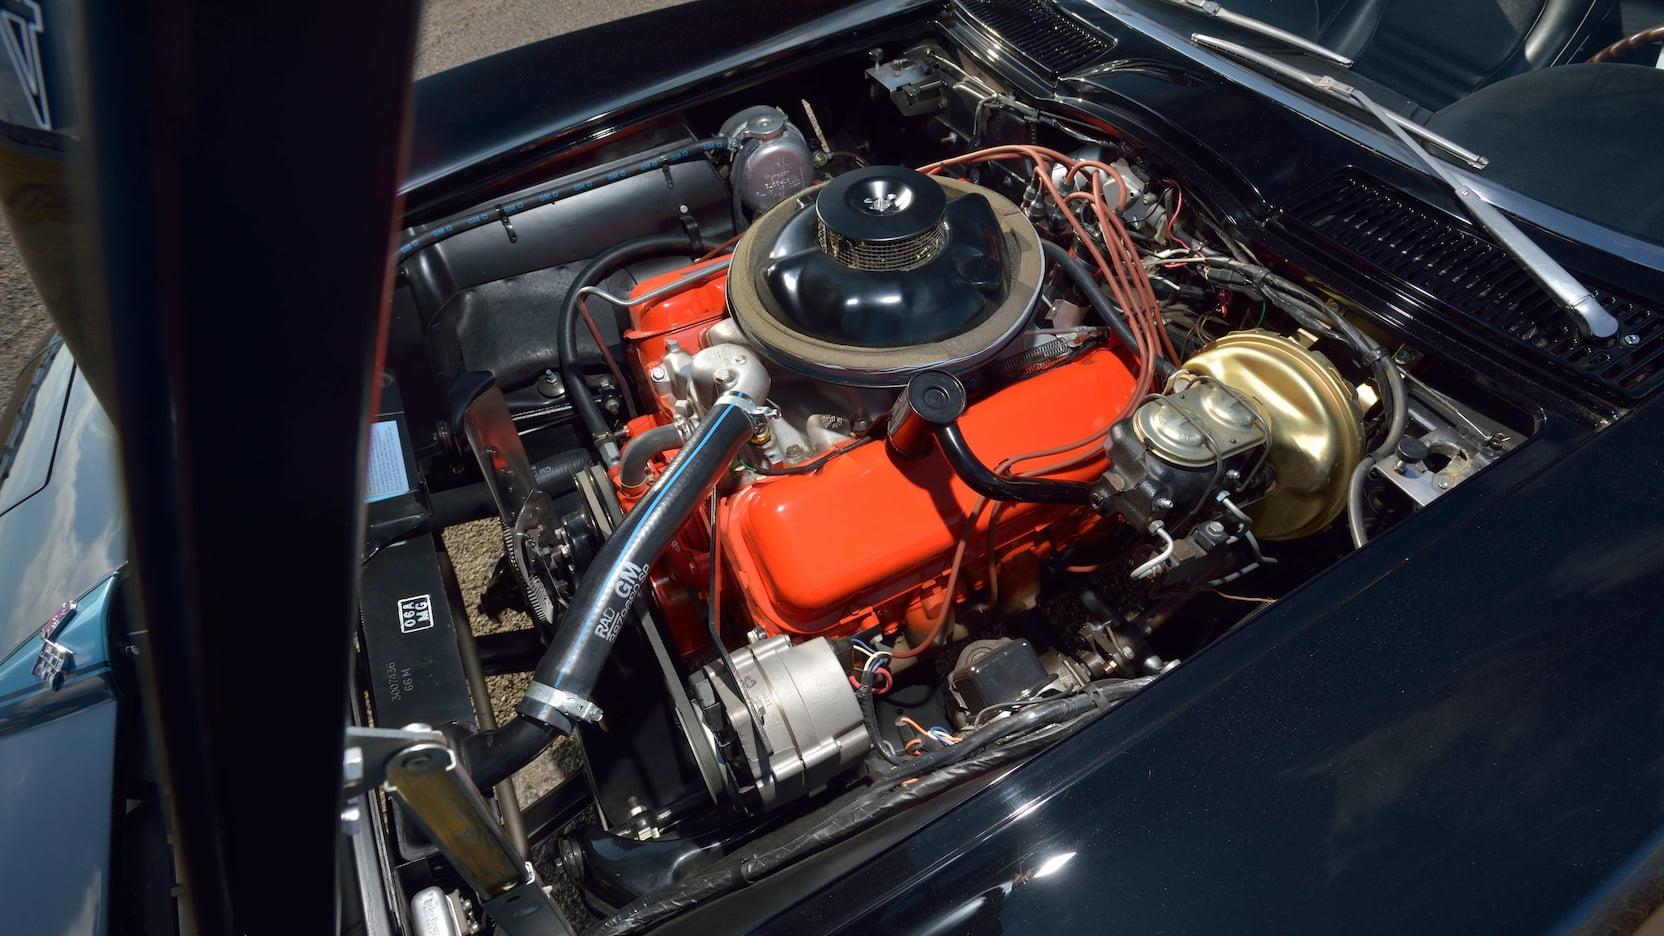 1967 Chevrolet Corvette L88 Convertible Engine